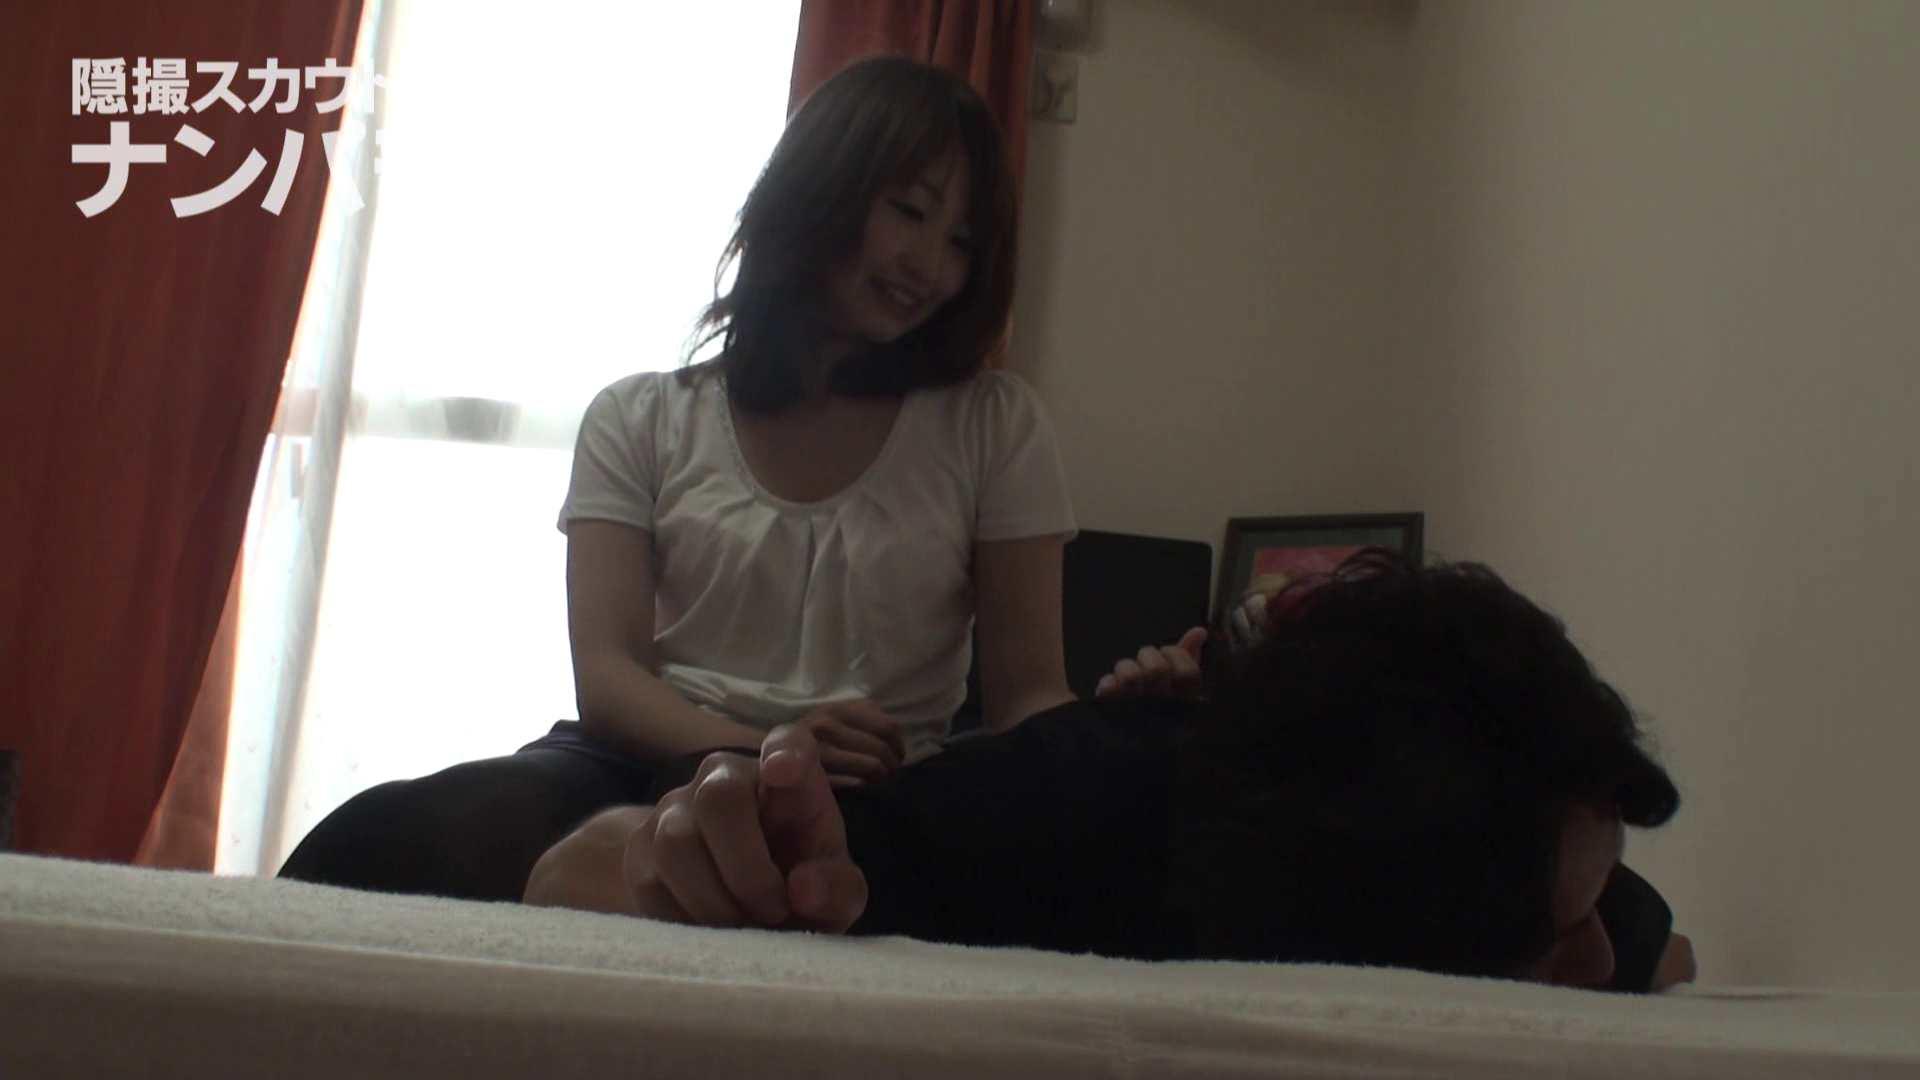 隠撮スカウトマンのナンパ部屋~風俗デビュー前のつまみ食い~ siivol.2 ナンパ 女性器鑑賞 75pic 11